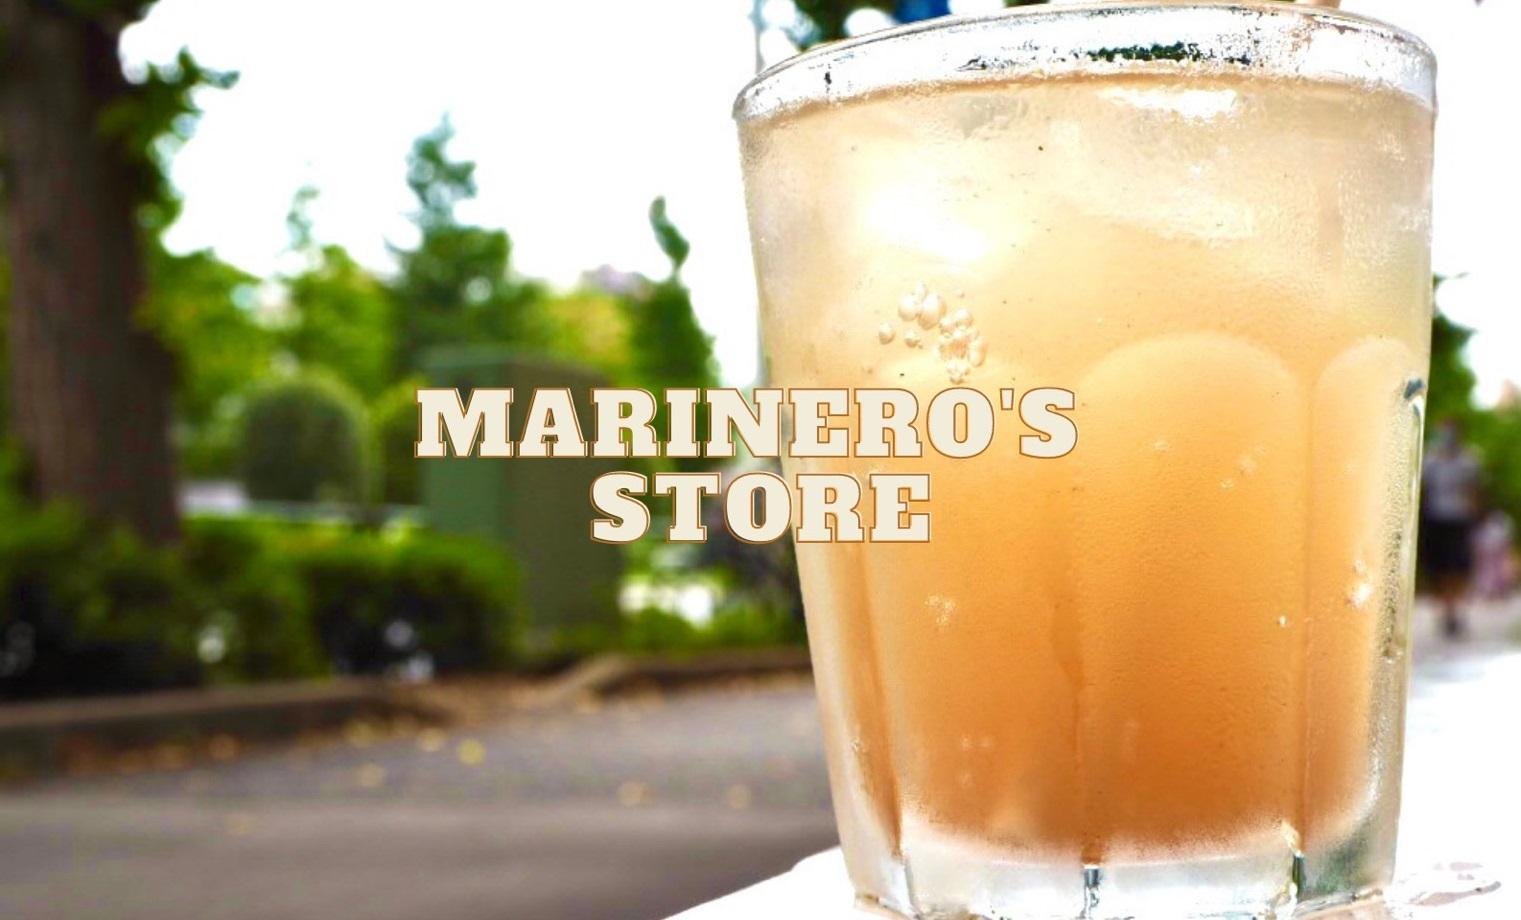 marinero's store